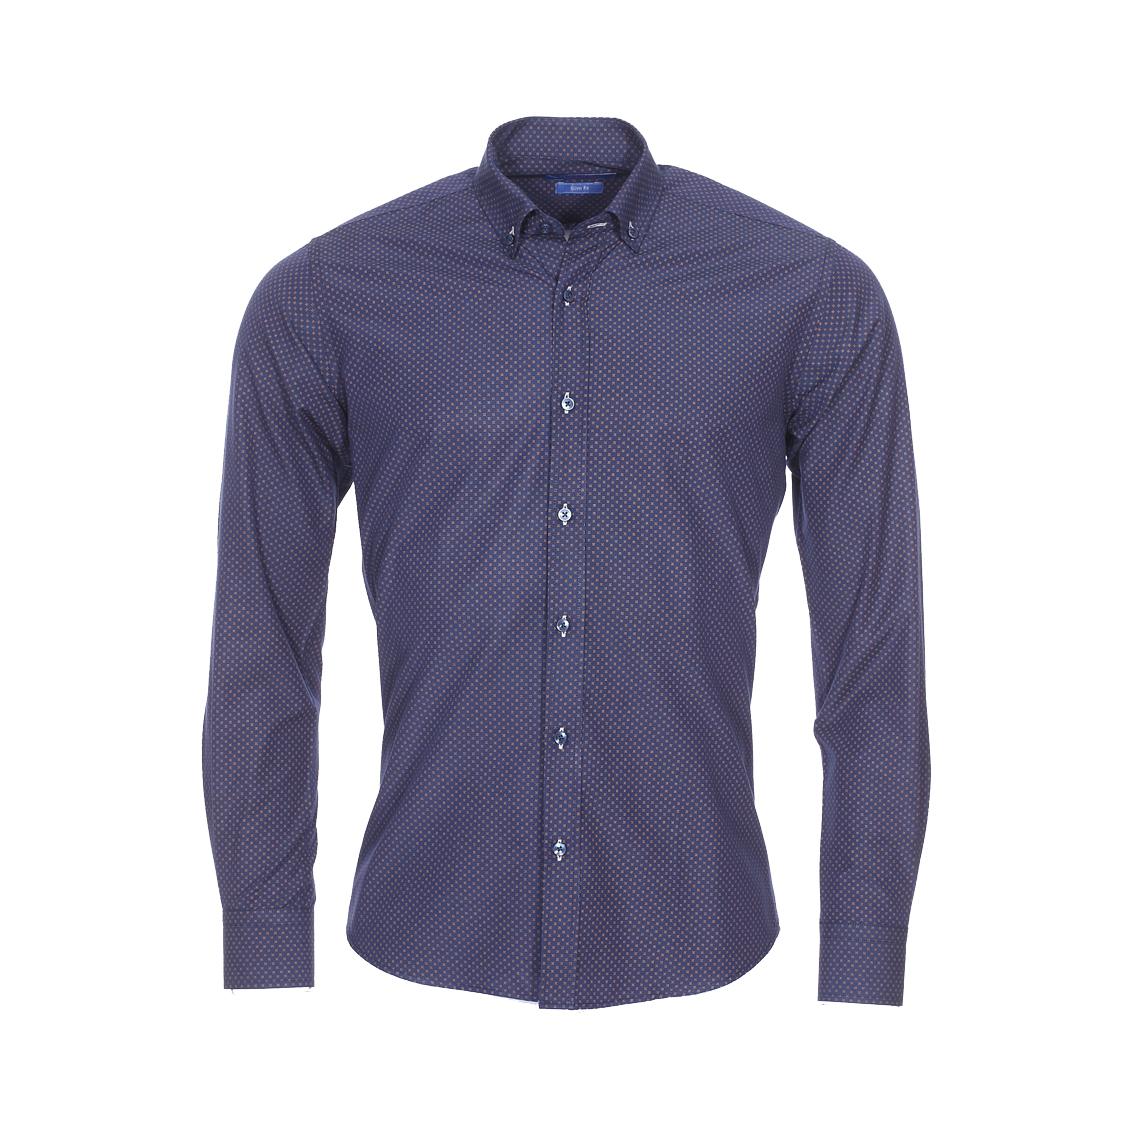 Chemise cintrée  en coton bleu marine à motifs marron foncé